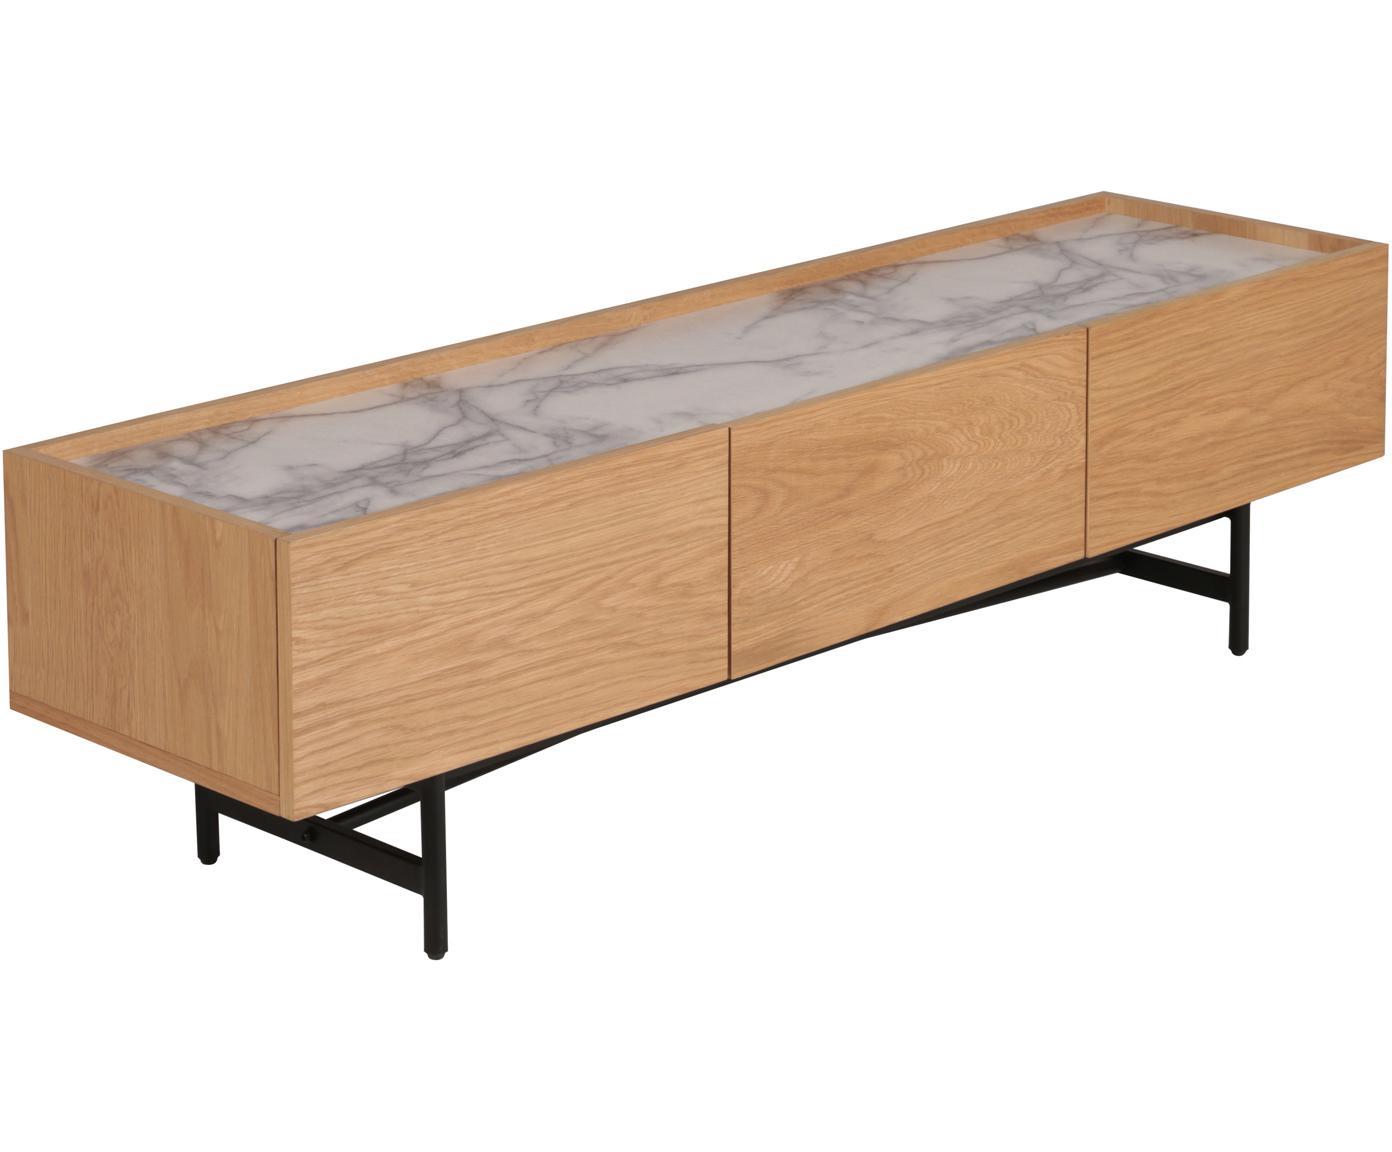 TV-Lowboard Carare, Korpus: Mitteldichte Holzfaserpla, Füße: Metall, beschichtet, Platte: Mitteldichte Holzfaserpla, Braun, Schwarz, Weiß, marmoriert, 160 x 45 cm